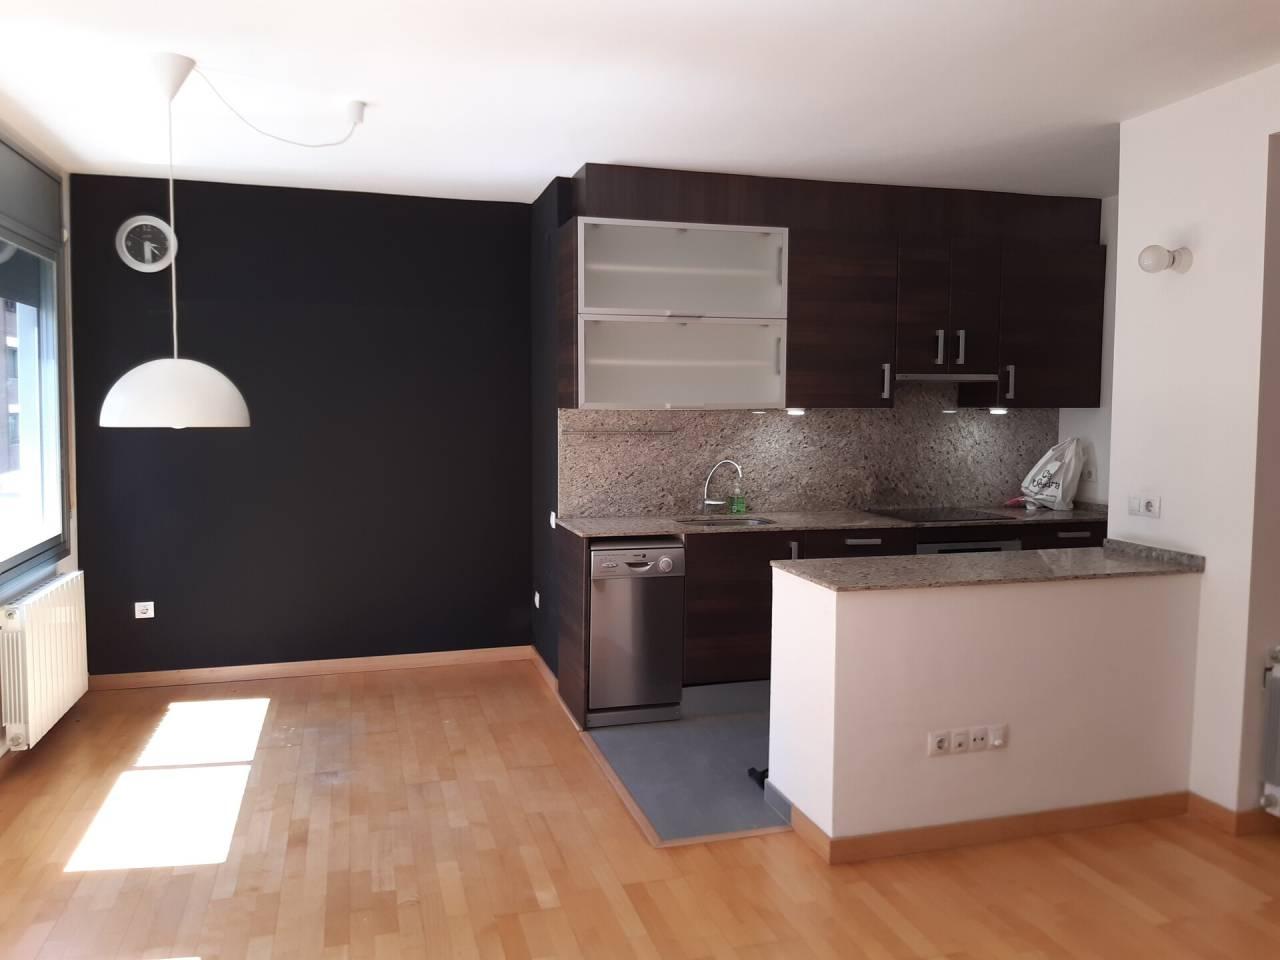 pisos en reus · centre €